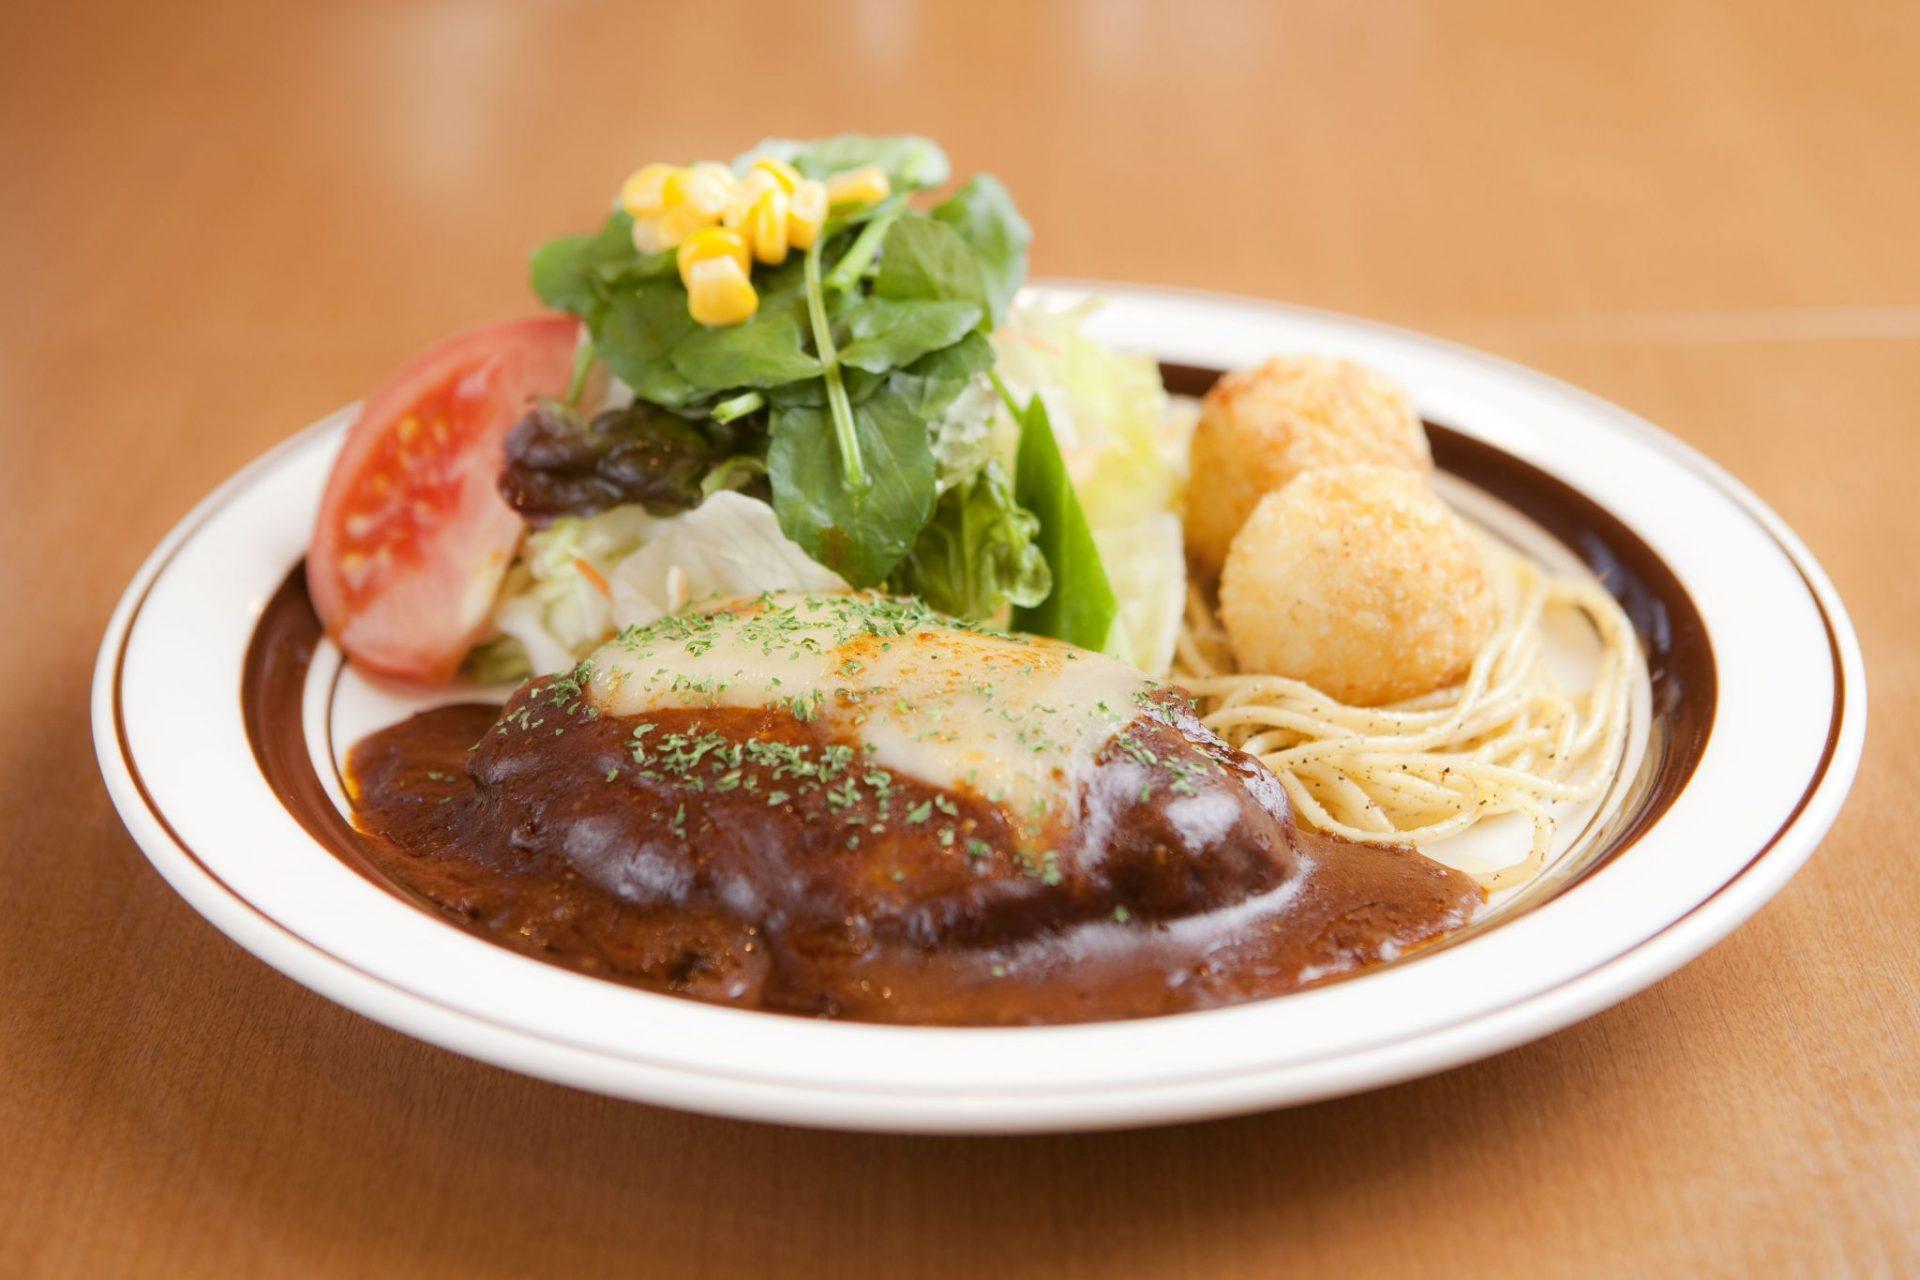 Hoshisanchino hamburgers